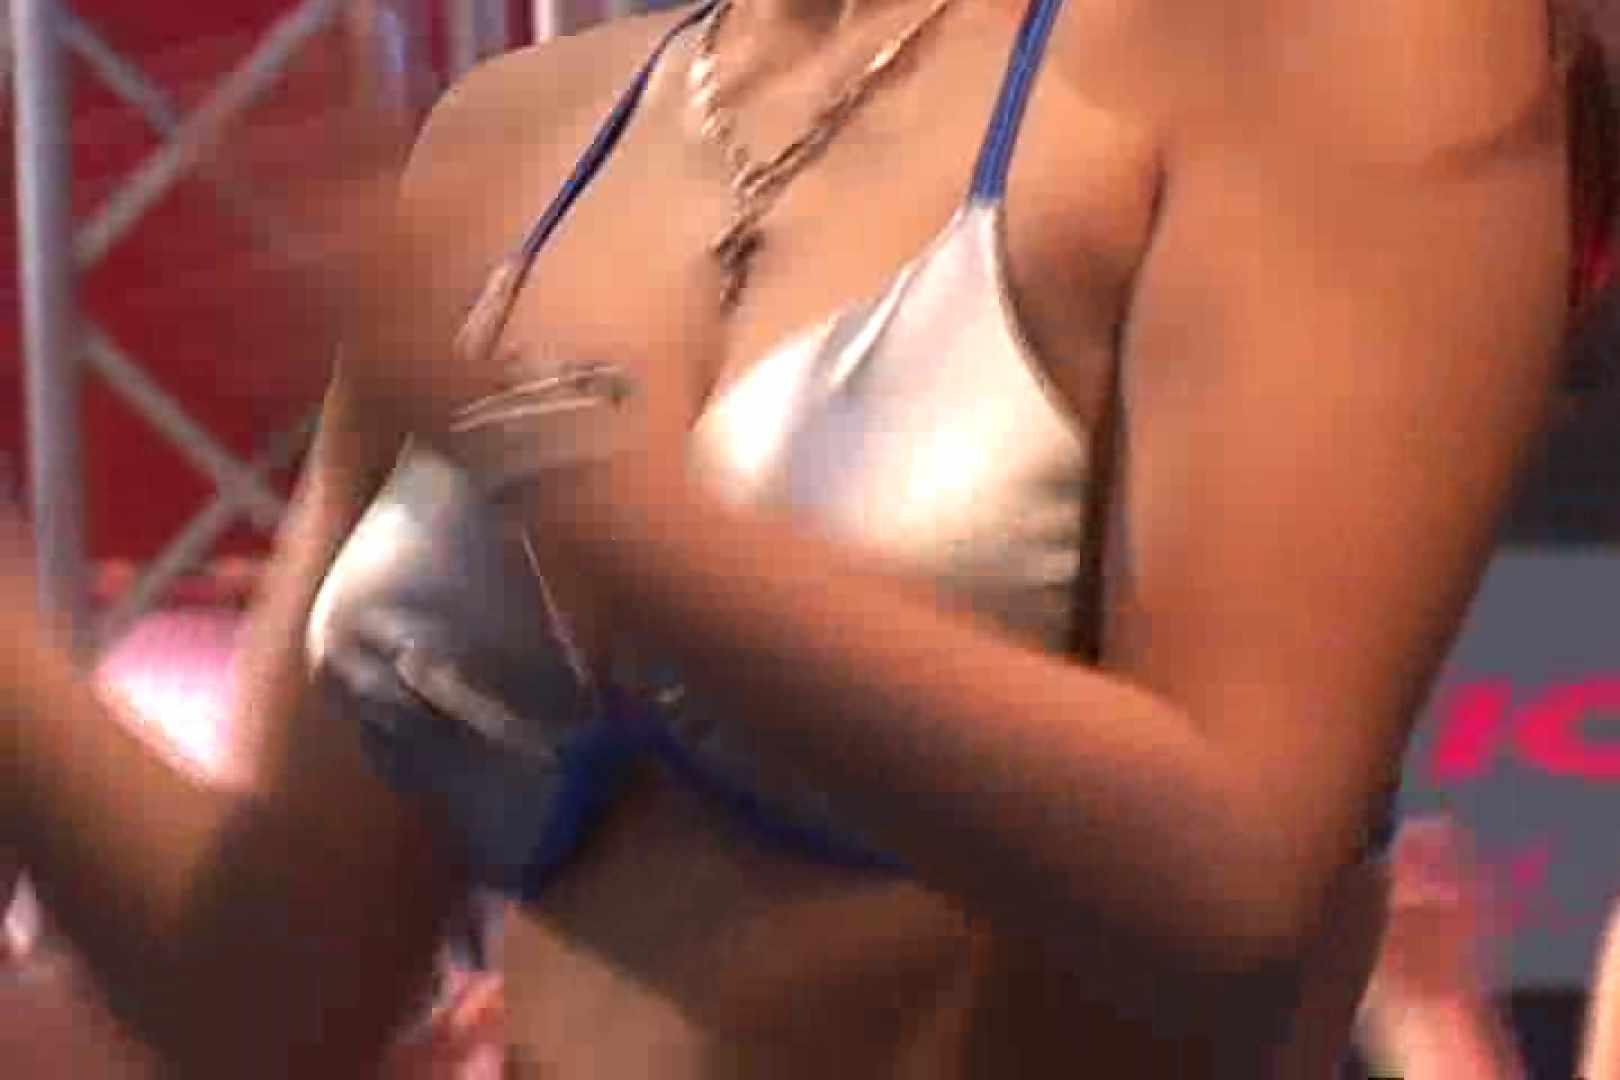 胸チラはもらった~!!胸元争奪戦!!Vol.2 胸チラ エロ画像 93画像 77